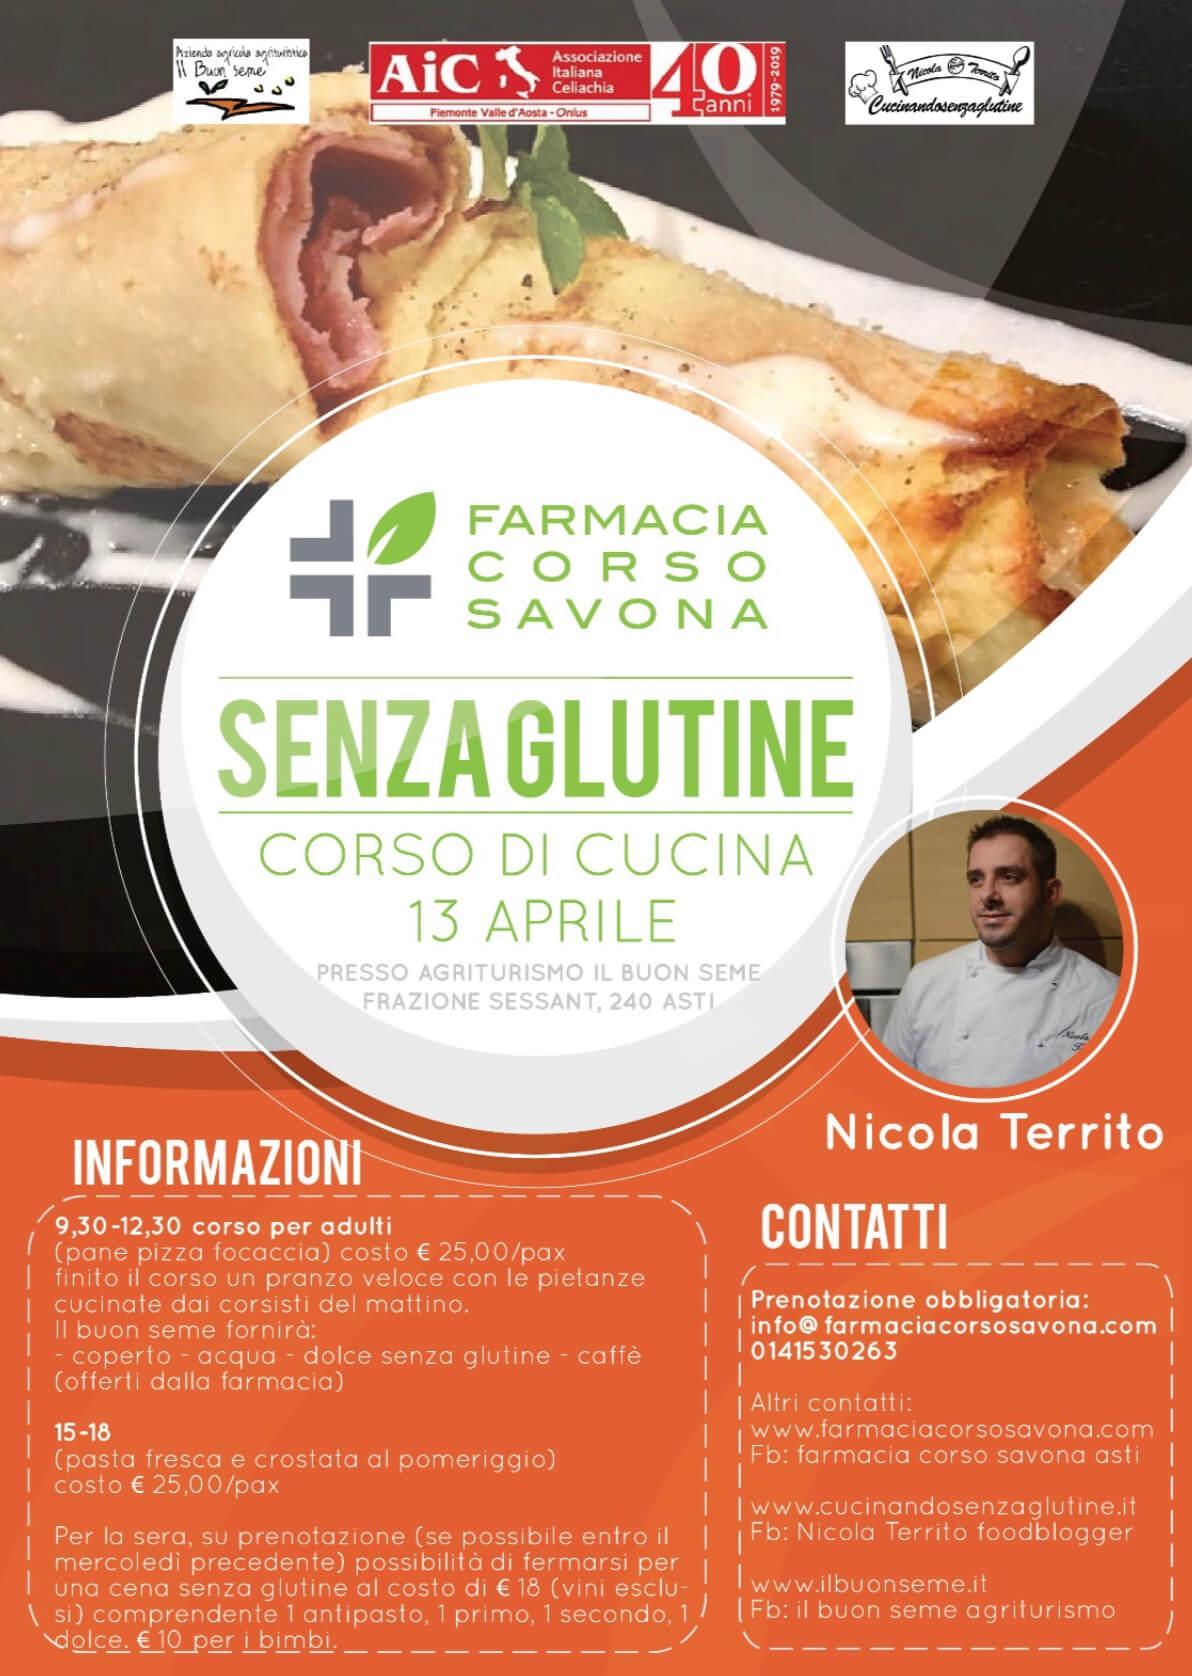 Corso di Cucina Mani in Pasta ad Asti (AT) il 13 aprile 2019